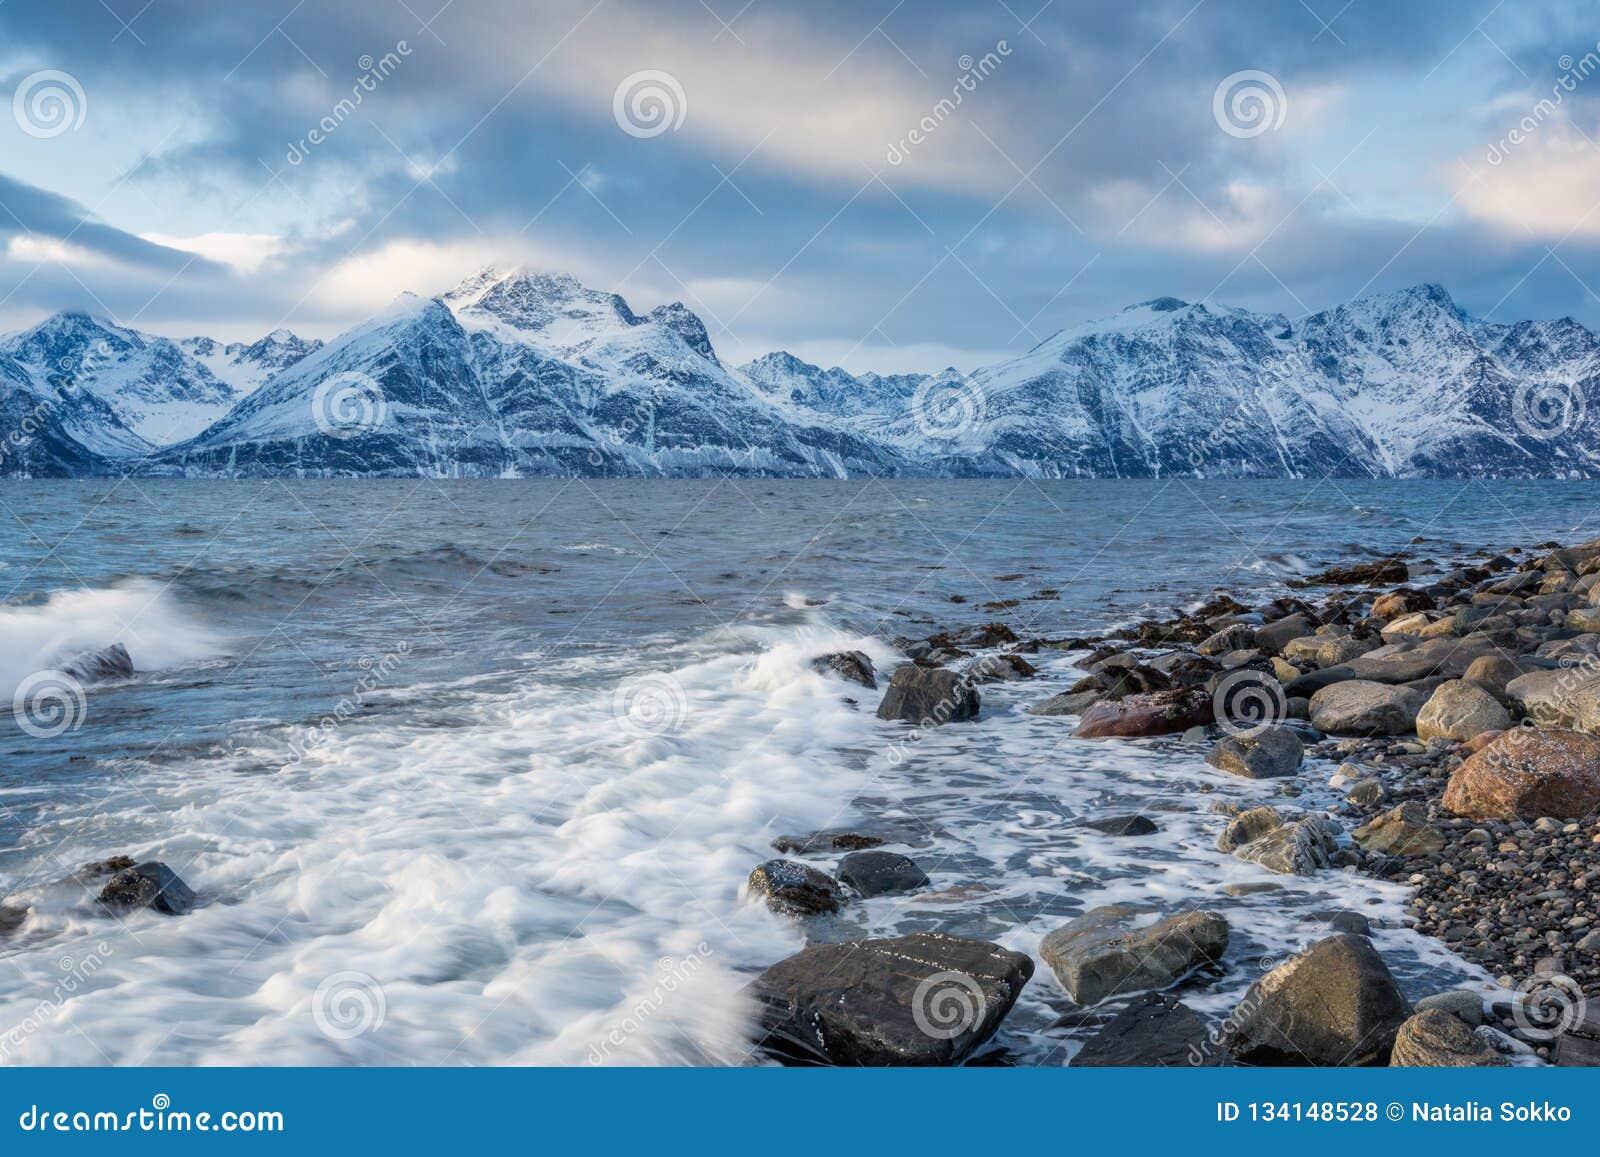 Paisagem bonita do inverno com litoral rochoso e montanhas